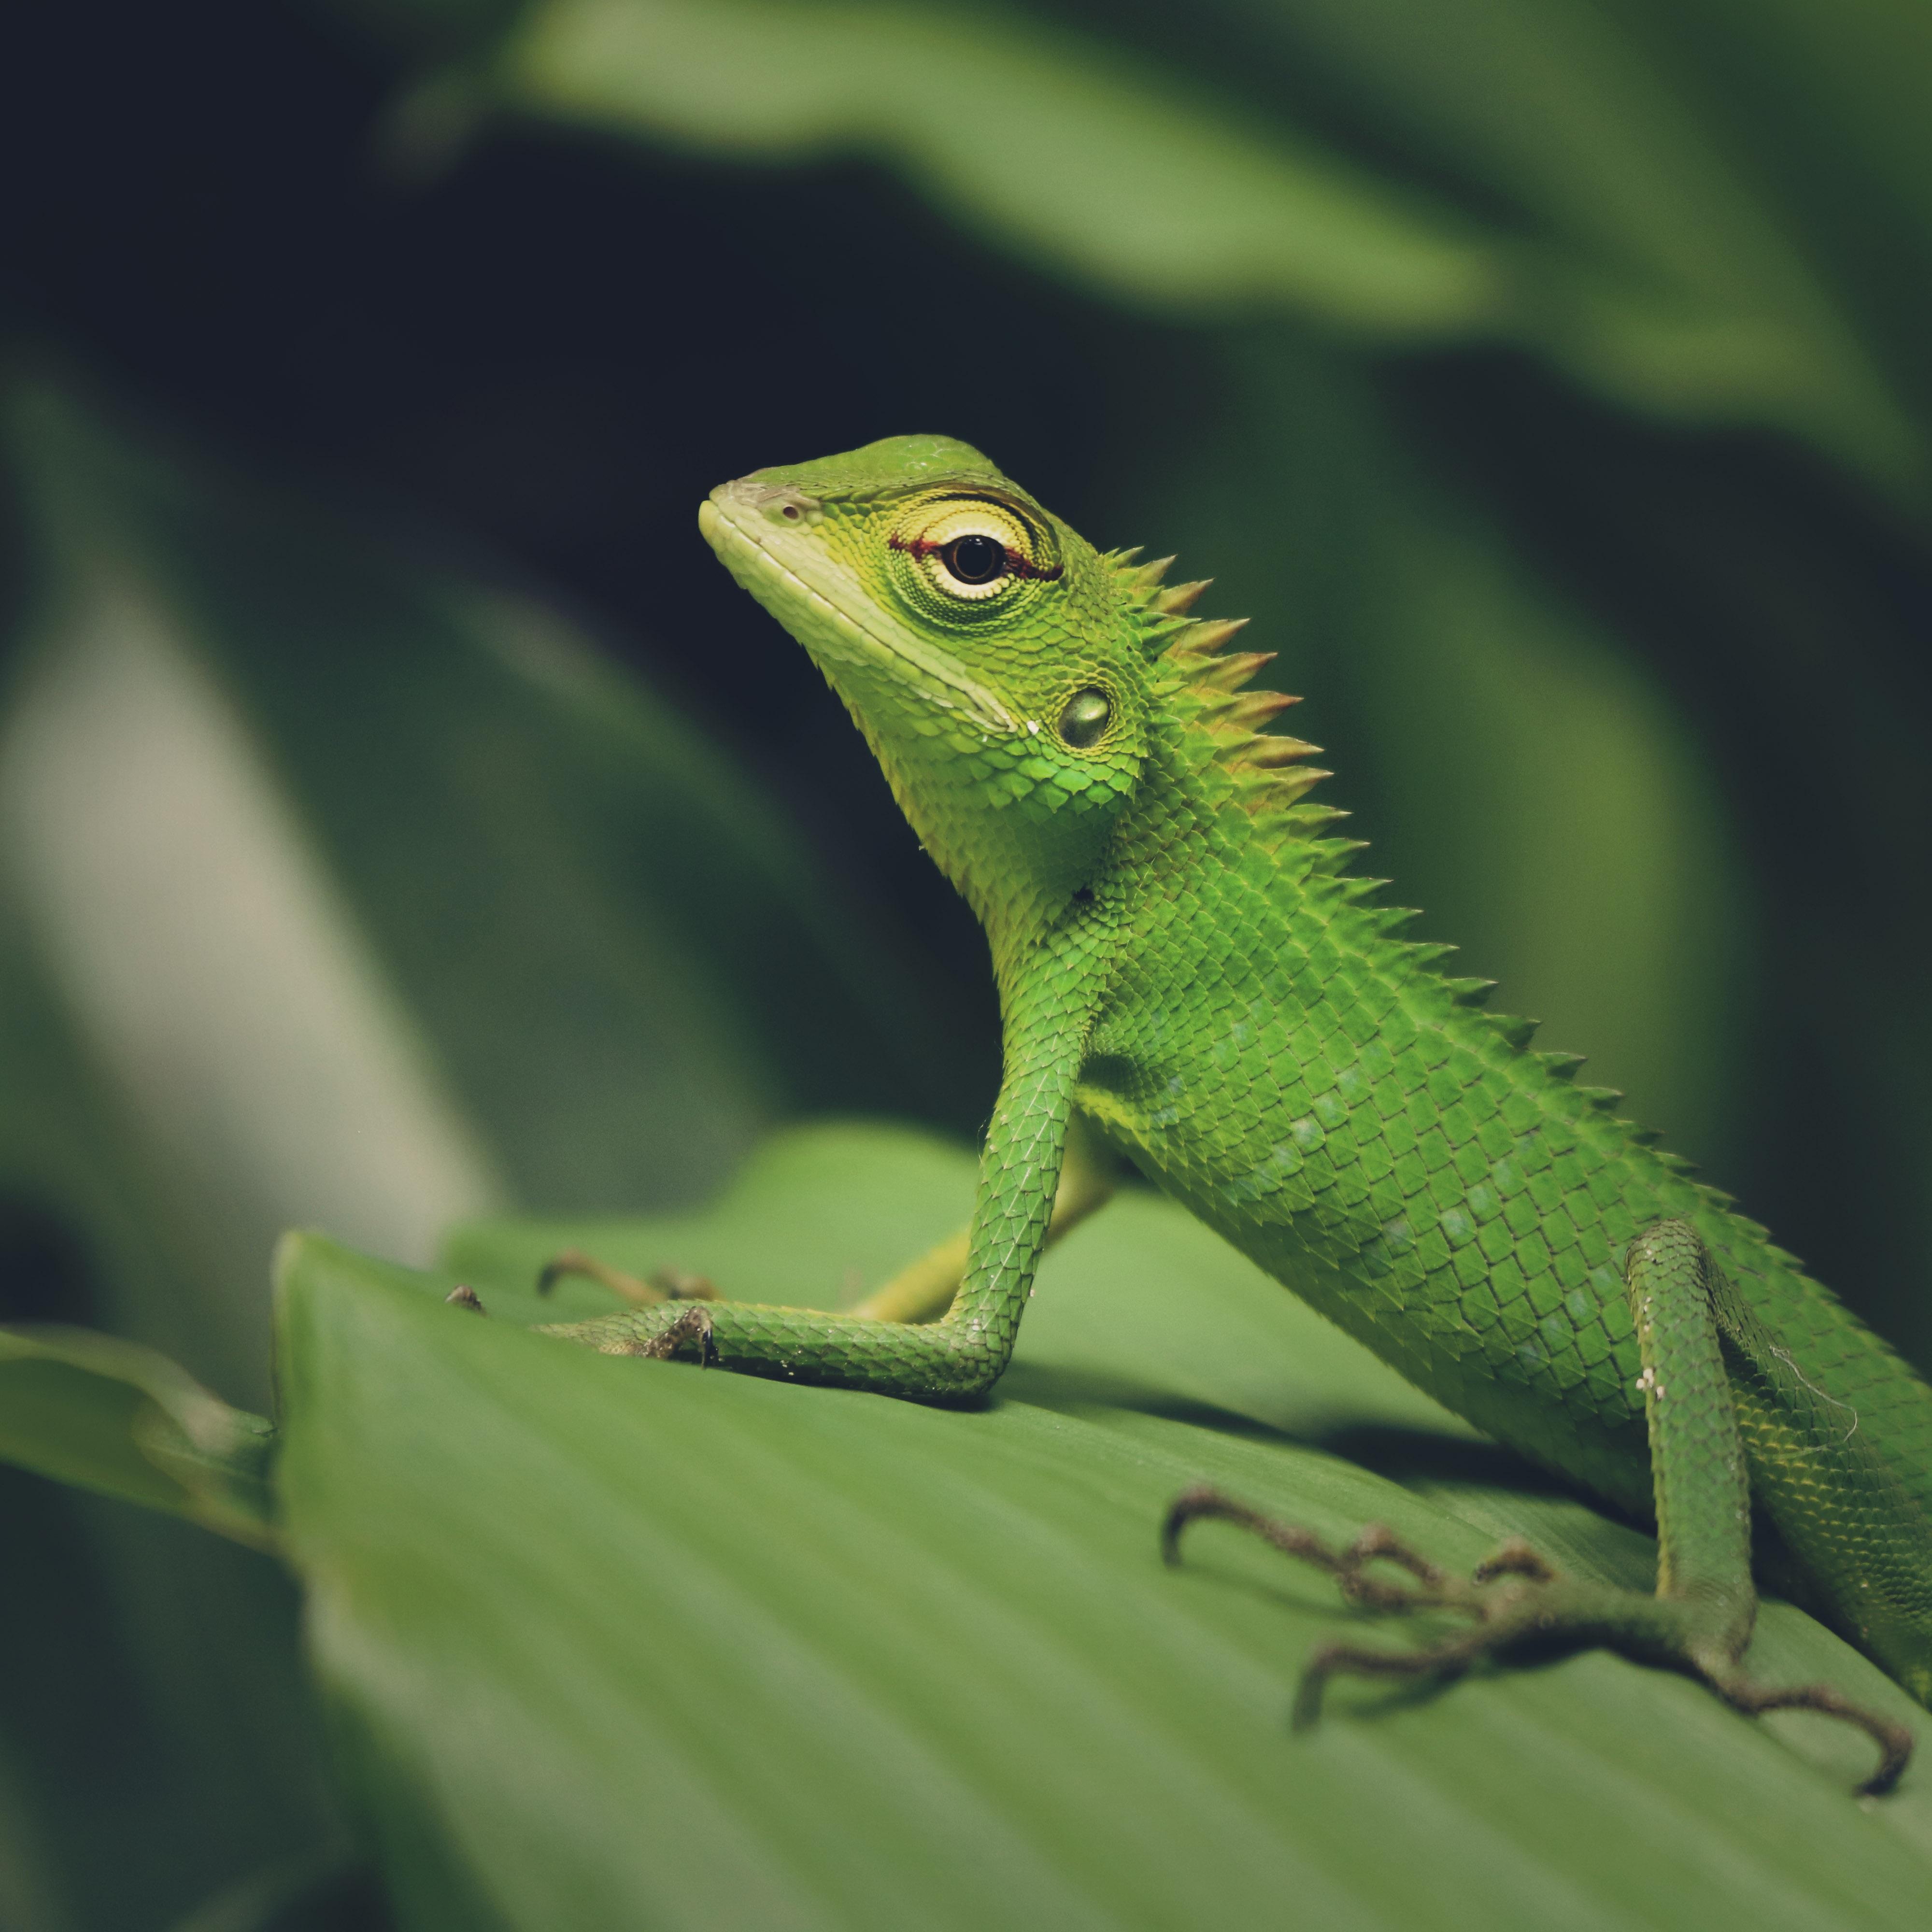 77741 Hintergrundbild herunterladen Tiere, Makro, Eidechse, Reptil, Reptile, Grüne Eidechse - Bildschirmschoner und Bilder kostenlos